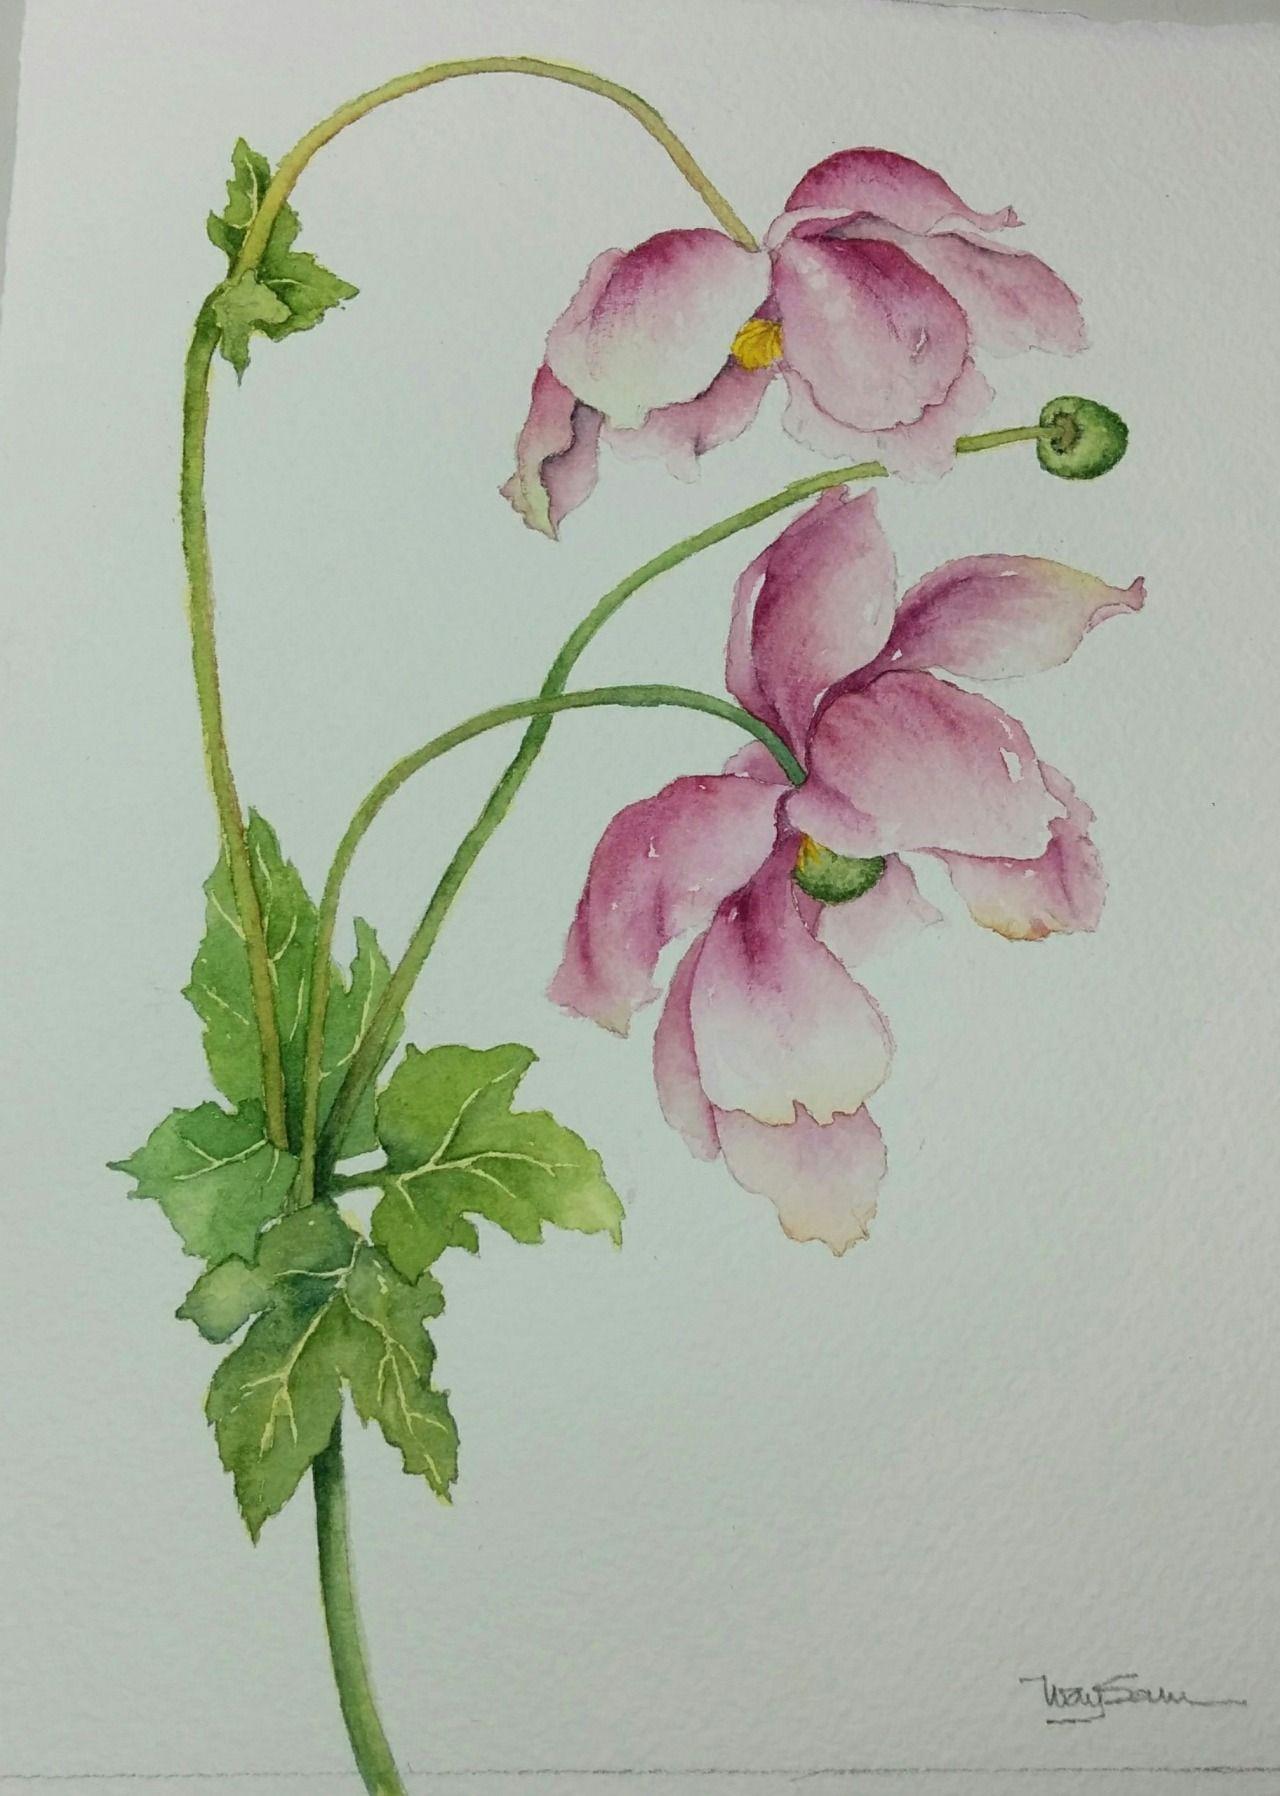 Japanese Anemones Or Wind Flower Watercolor Flowers Pattern